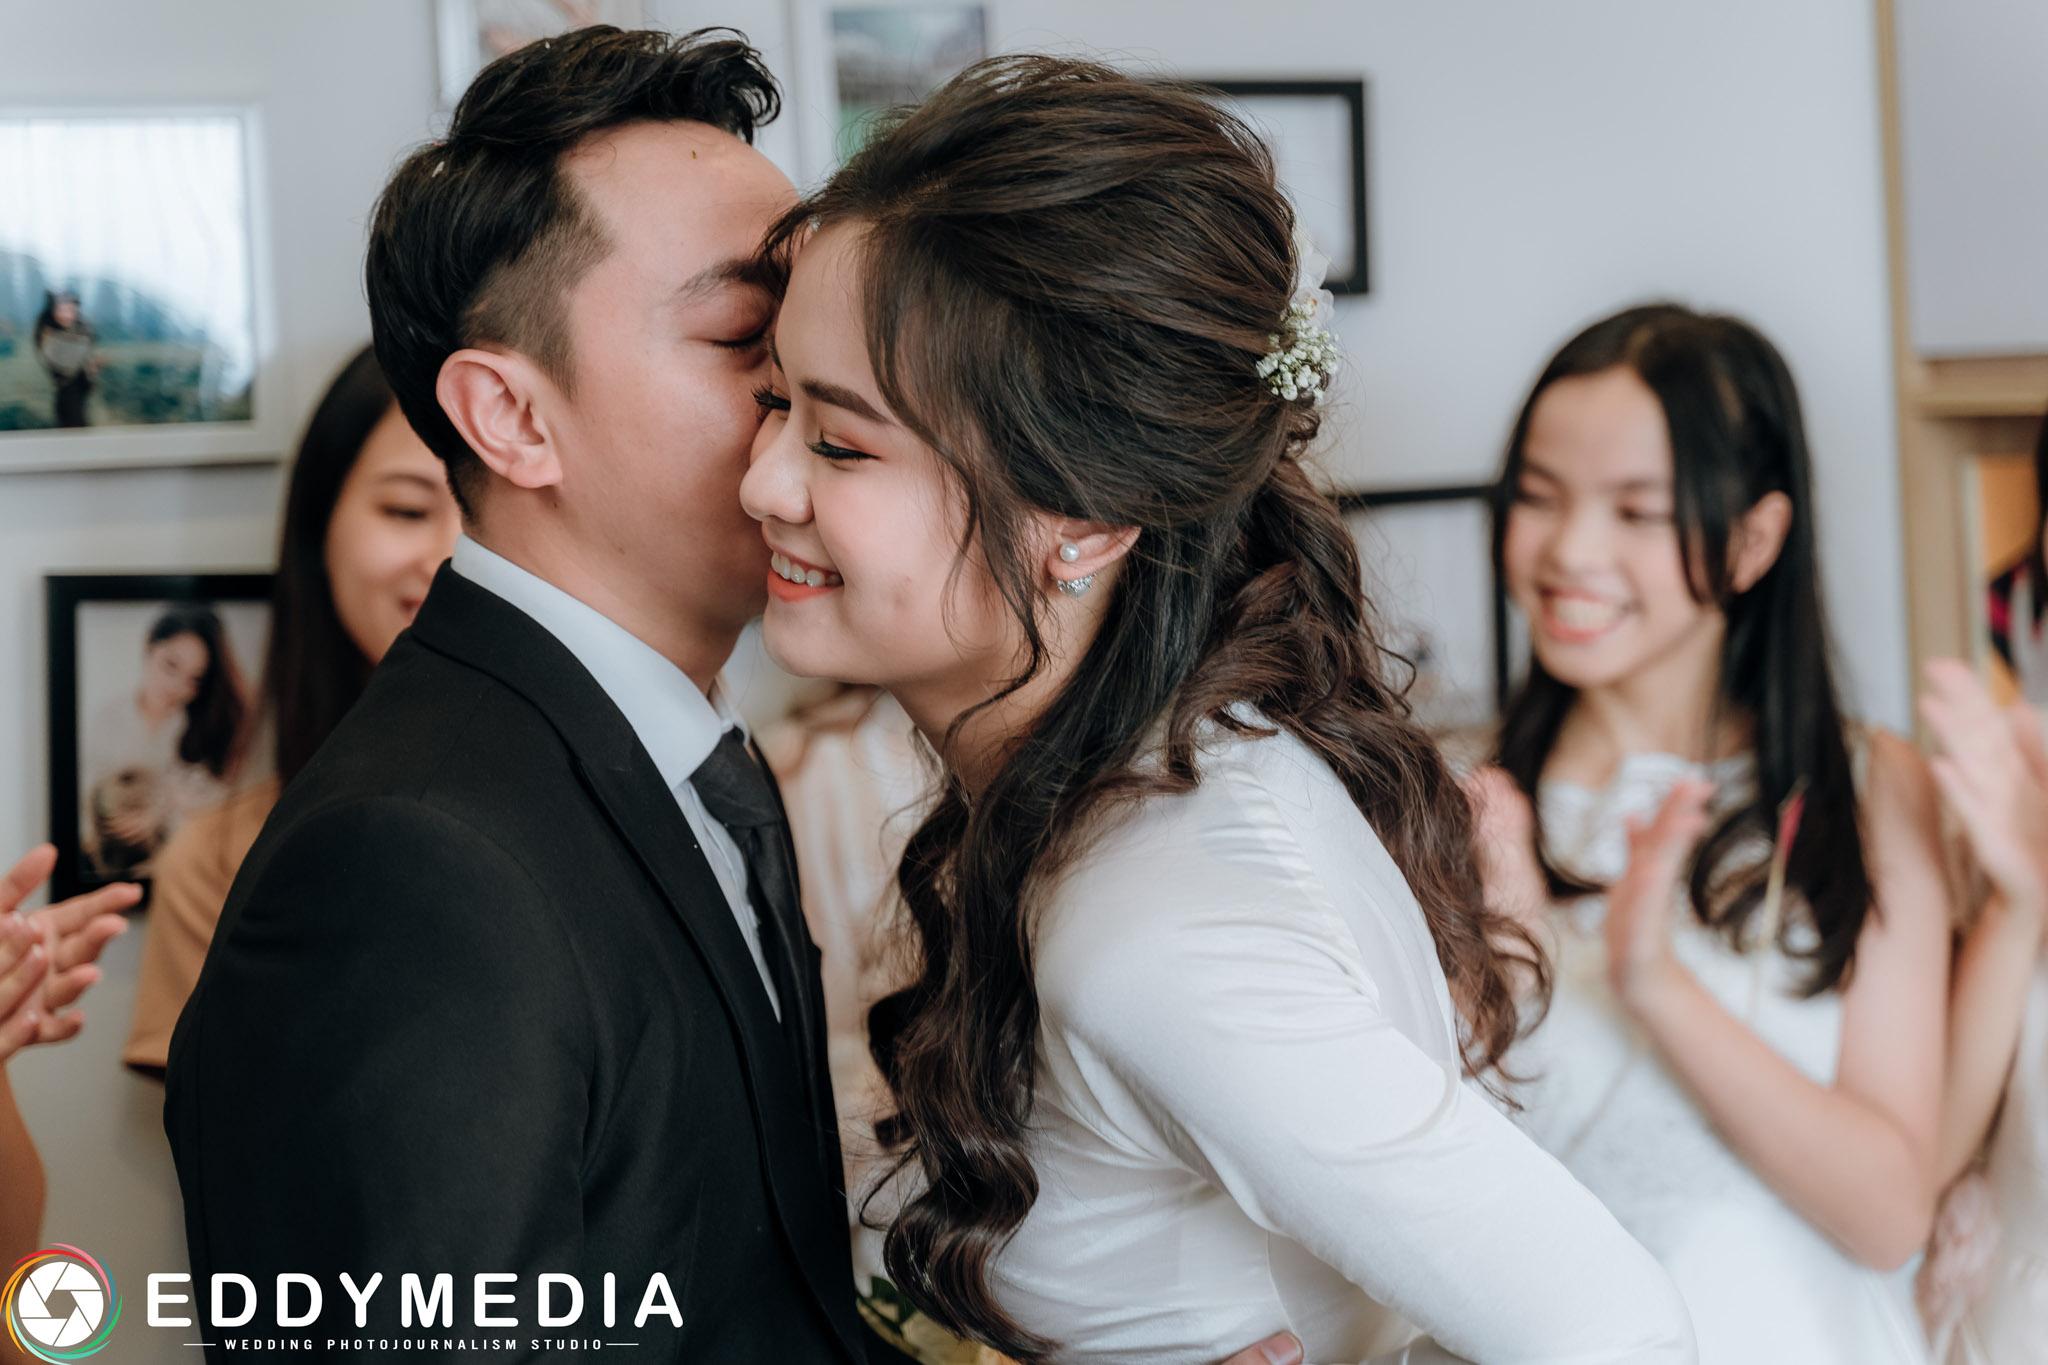 MinhQuang PhuongLinh LongVyPalace EddyMedia 35 lấy vợ không hợp tuổi